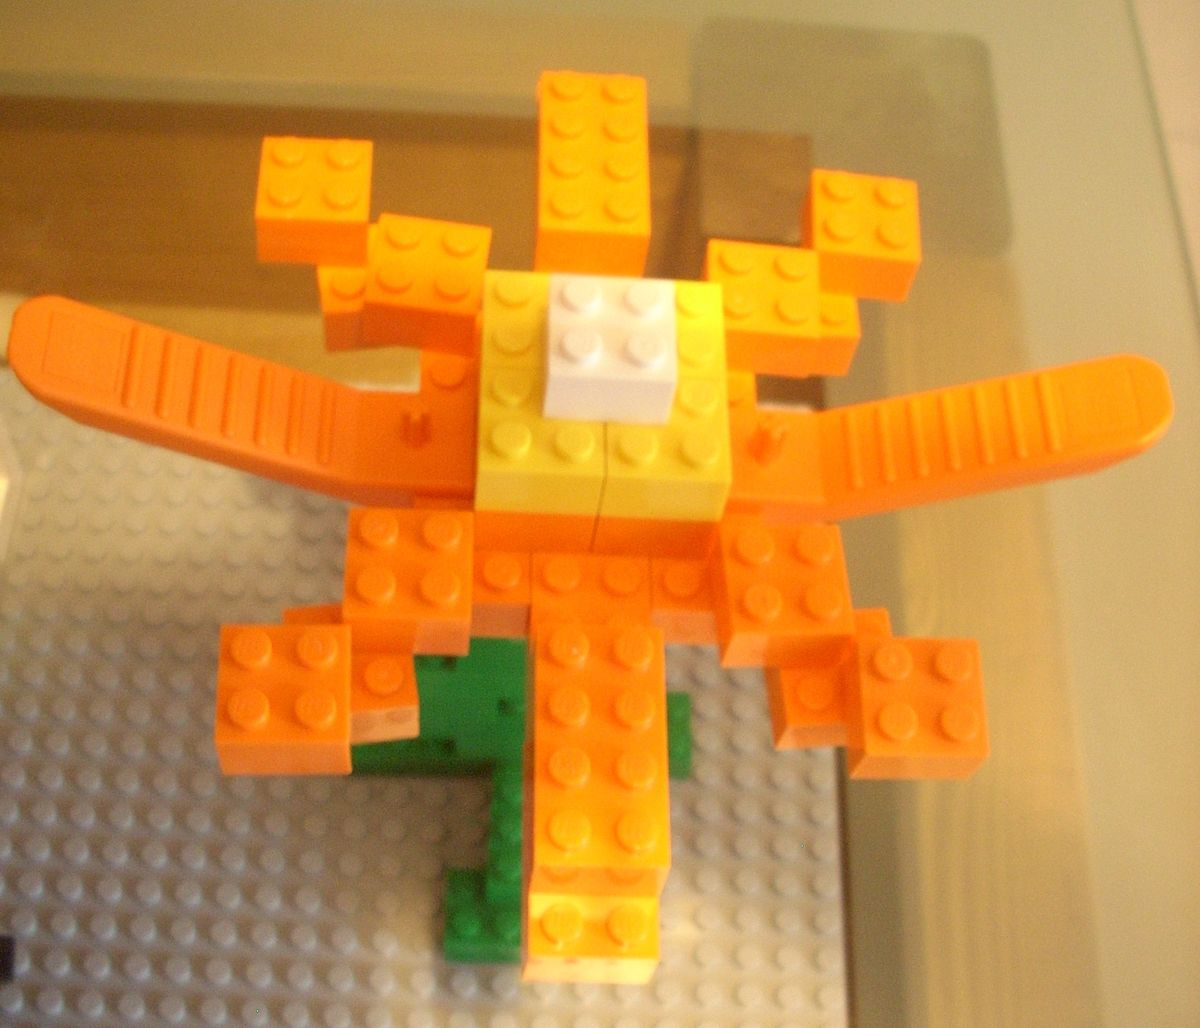 Concurs Imbinarea separatorului de caramizi – creatia 8: Floare cu separator